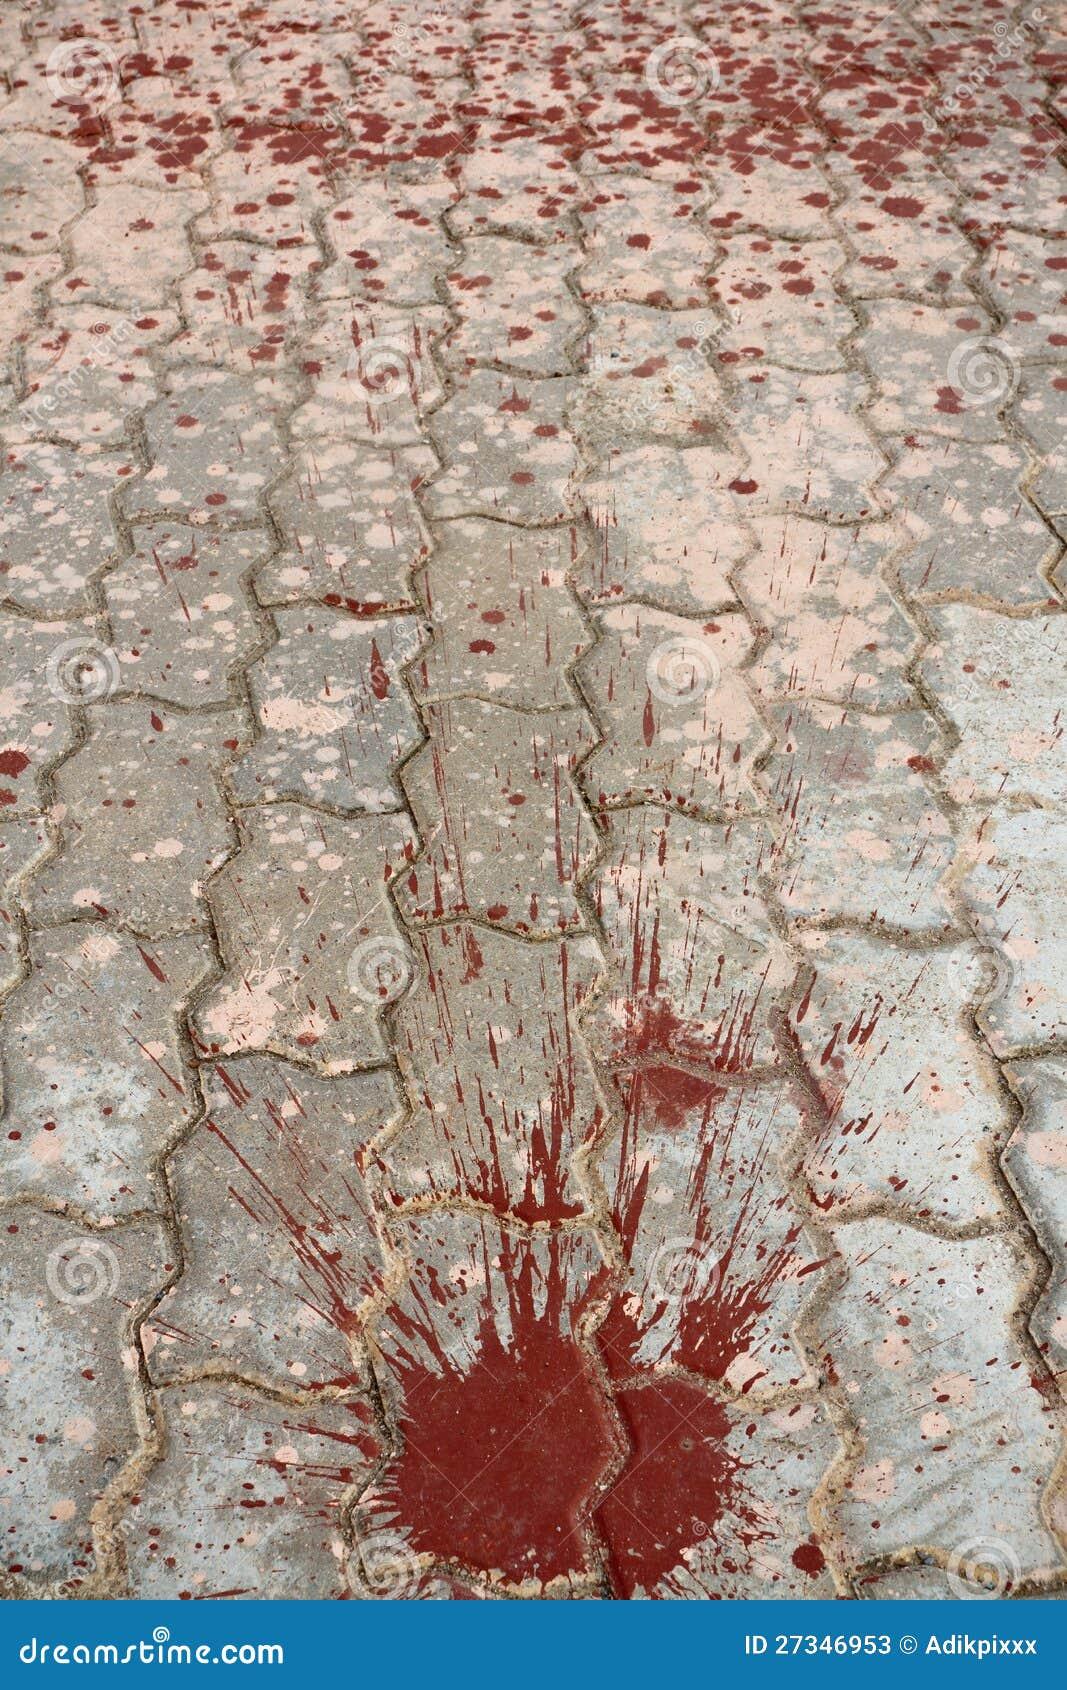 Concrete sidewalk paint